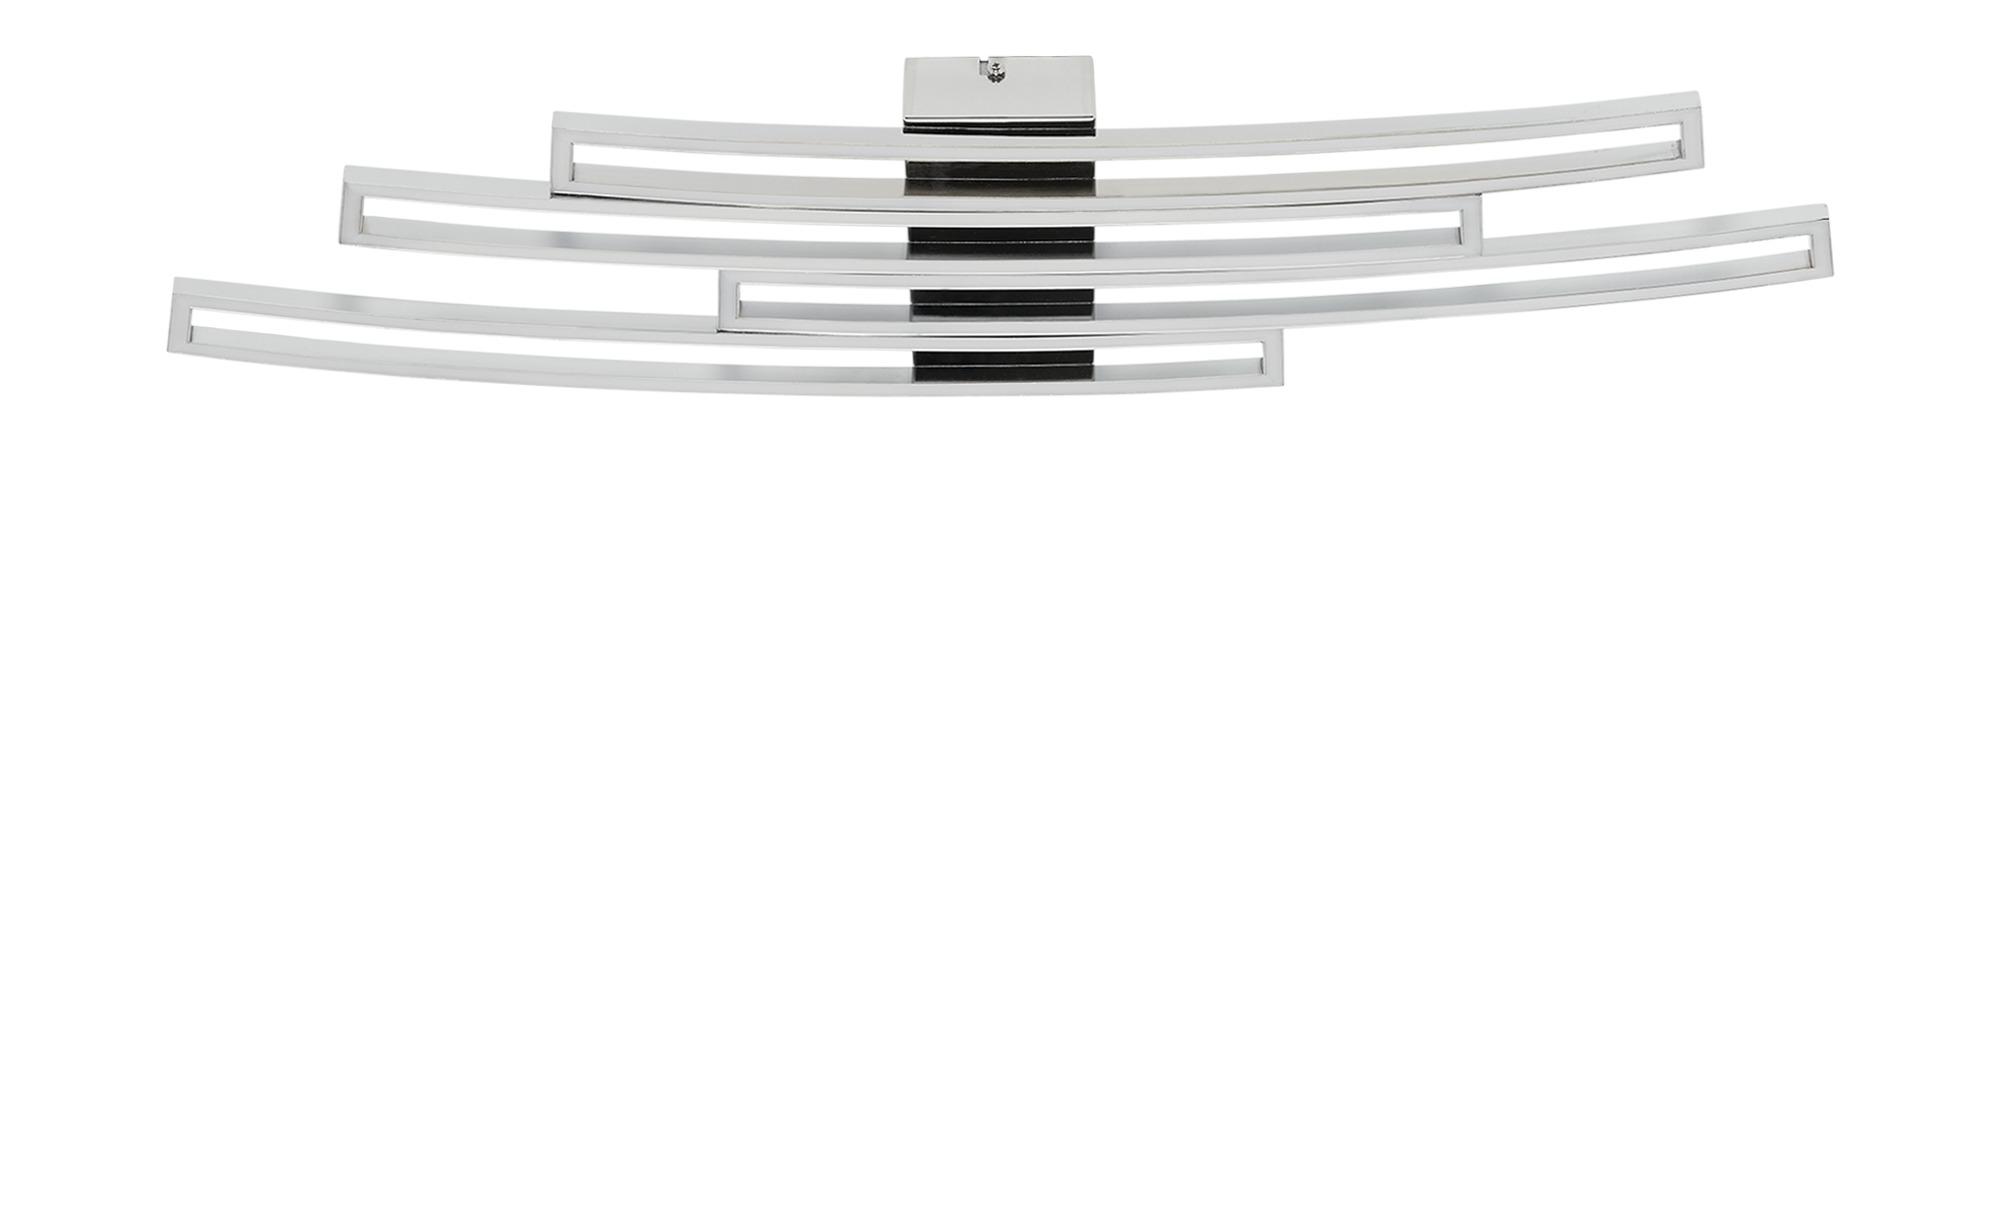 KHG LED-Deckenleuchte, 4-flammig, chrom / gebogen ¦ silber ¦ Maße (cm): B: 24,5 H: 5,5 Lampen & Leuchten > Innenleuchten > Deckenleuchten - Höffner